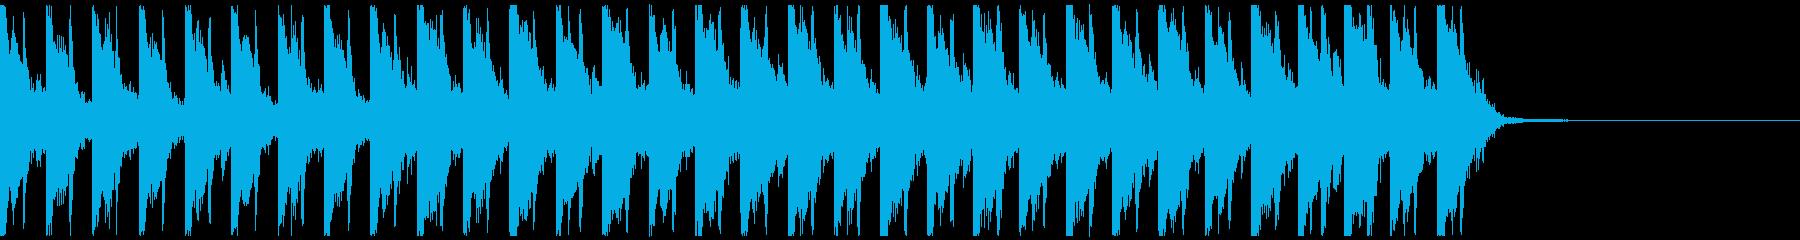 オシャレ・戦闘・スリリングEDM、⑧の再生済みの波形